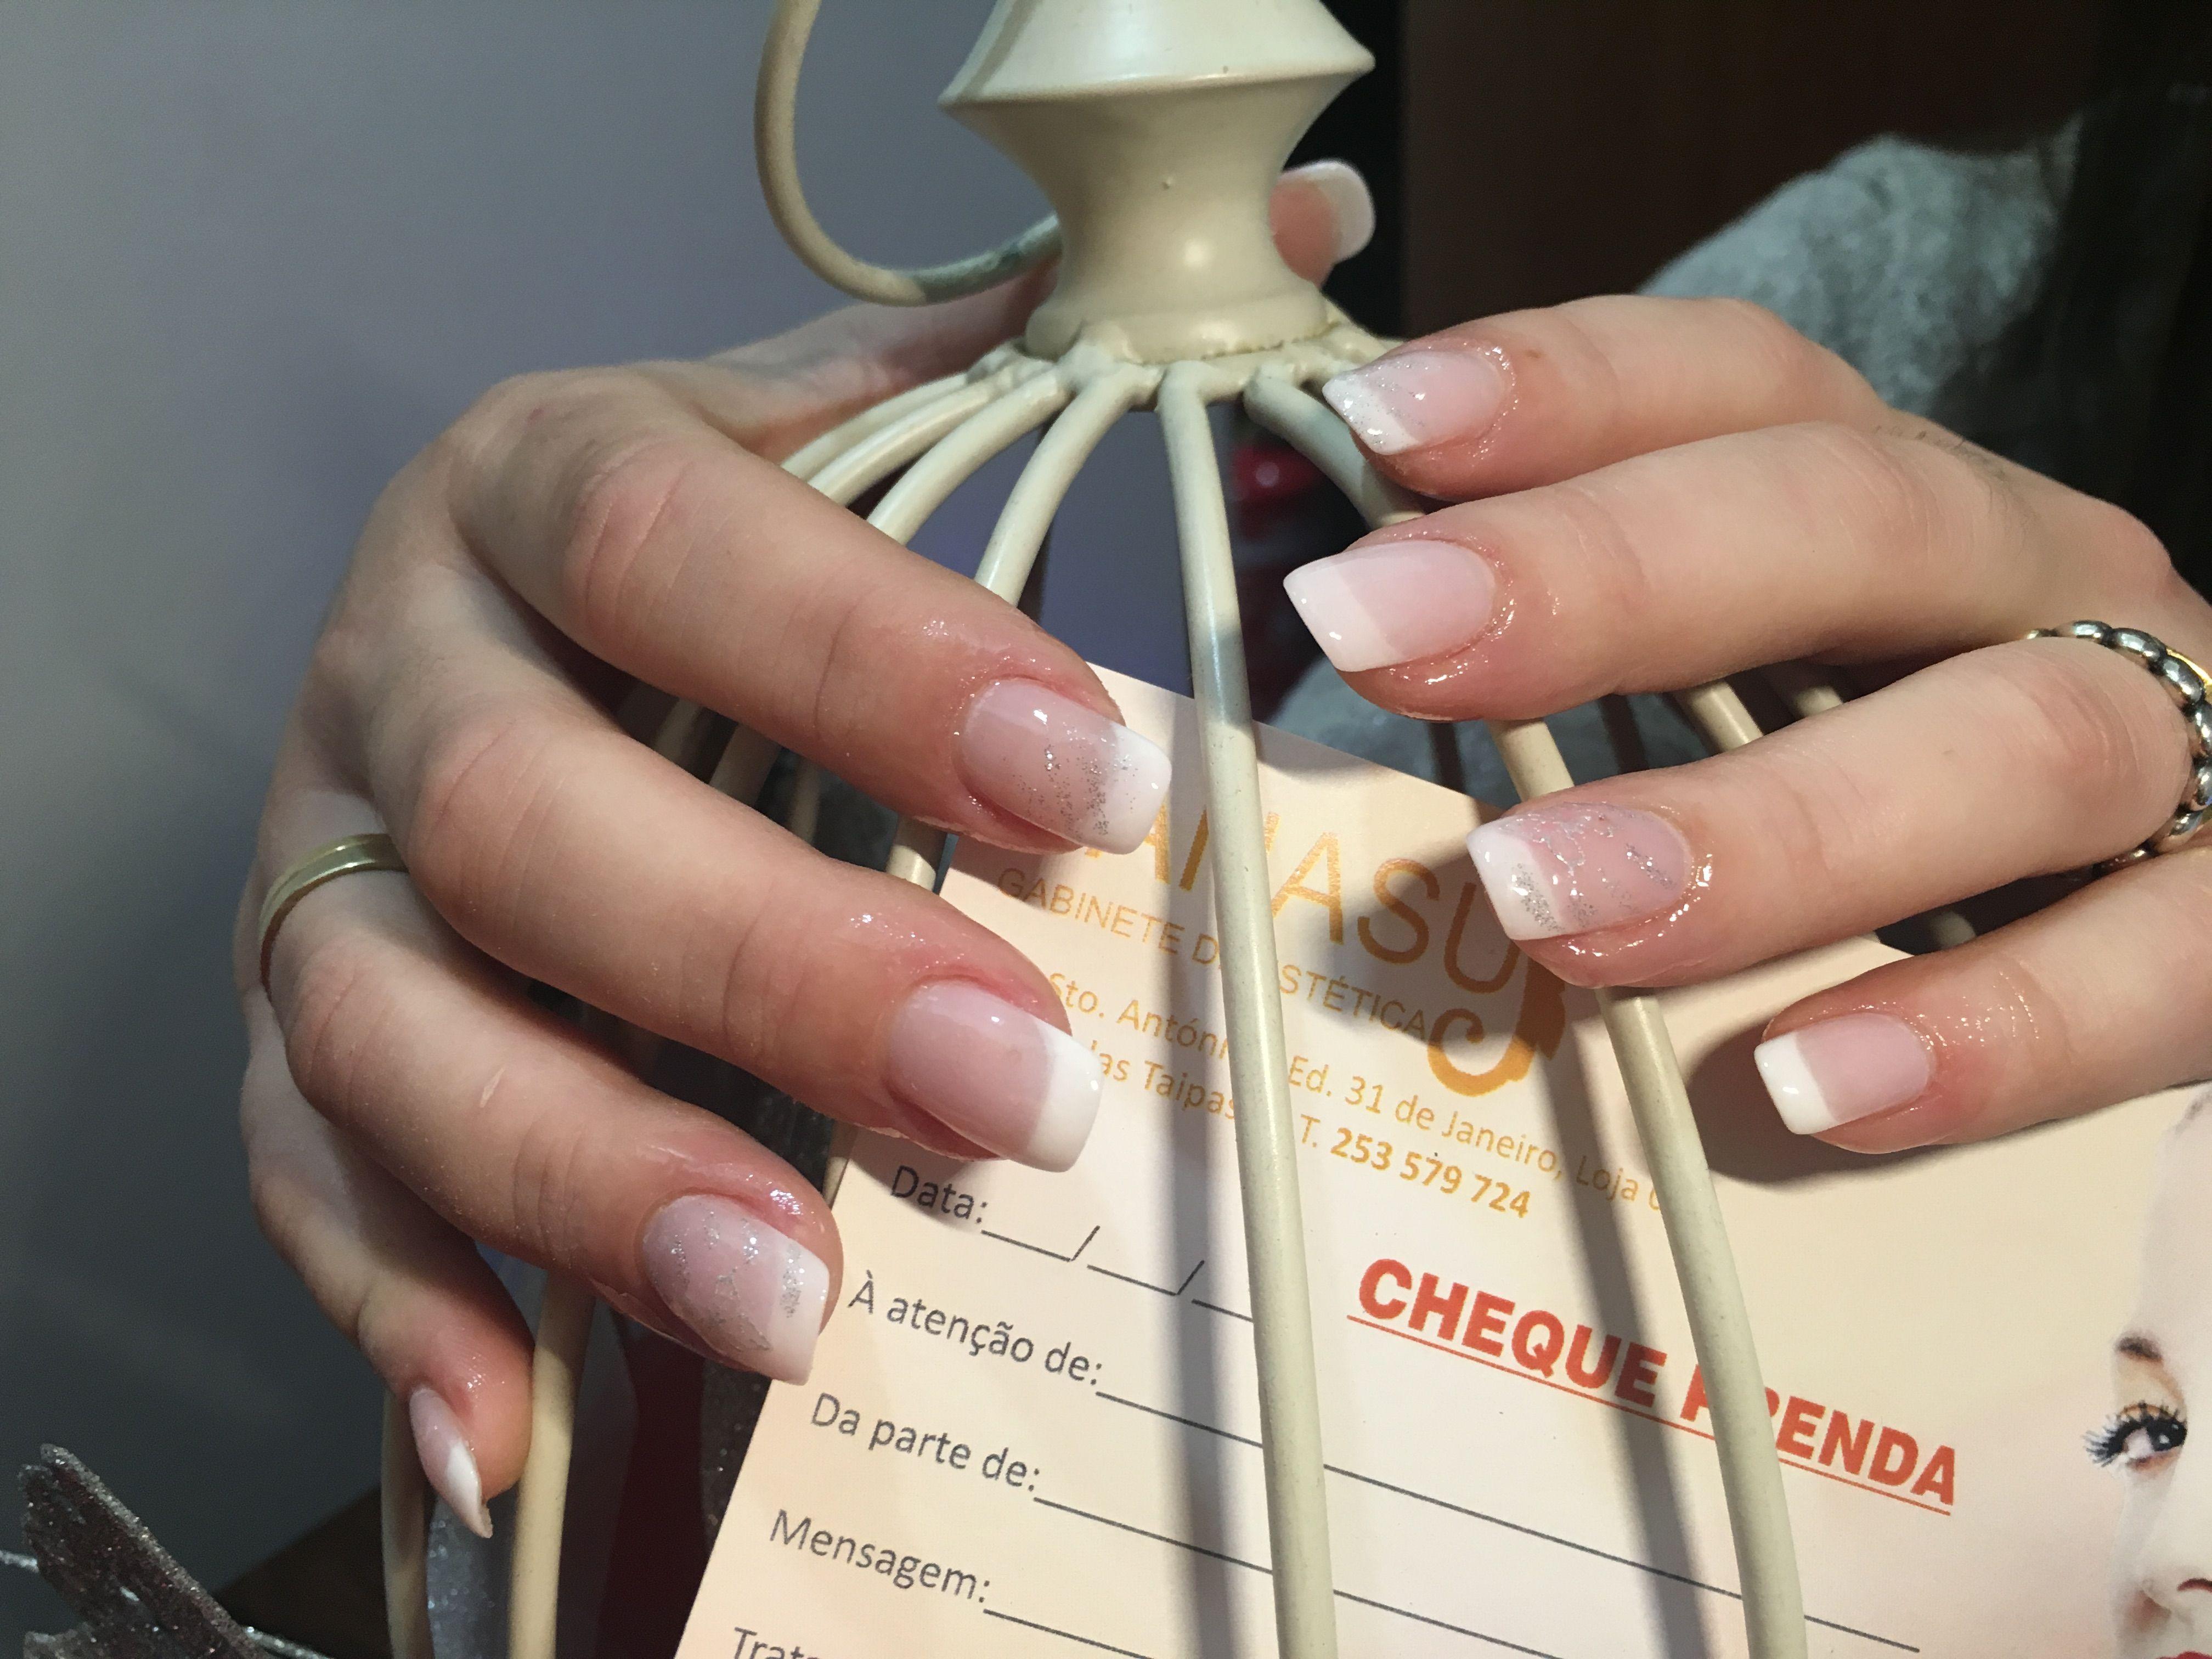 Manicure 💅🏼 francesa com imersão em pó 💗